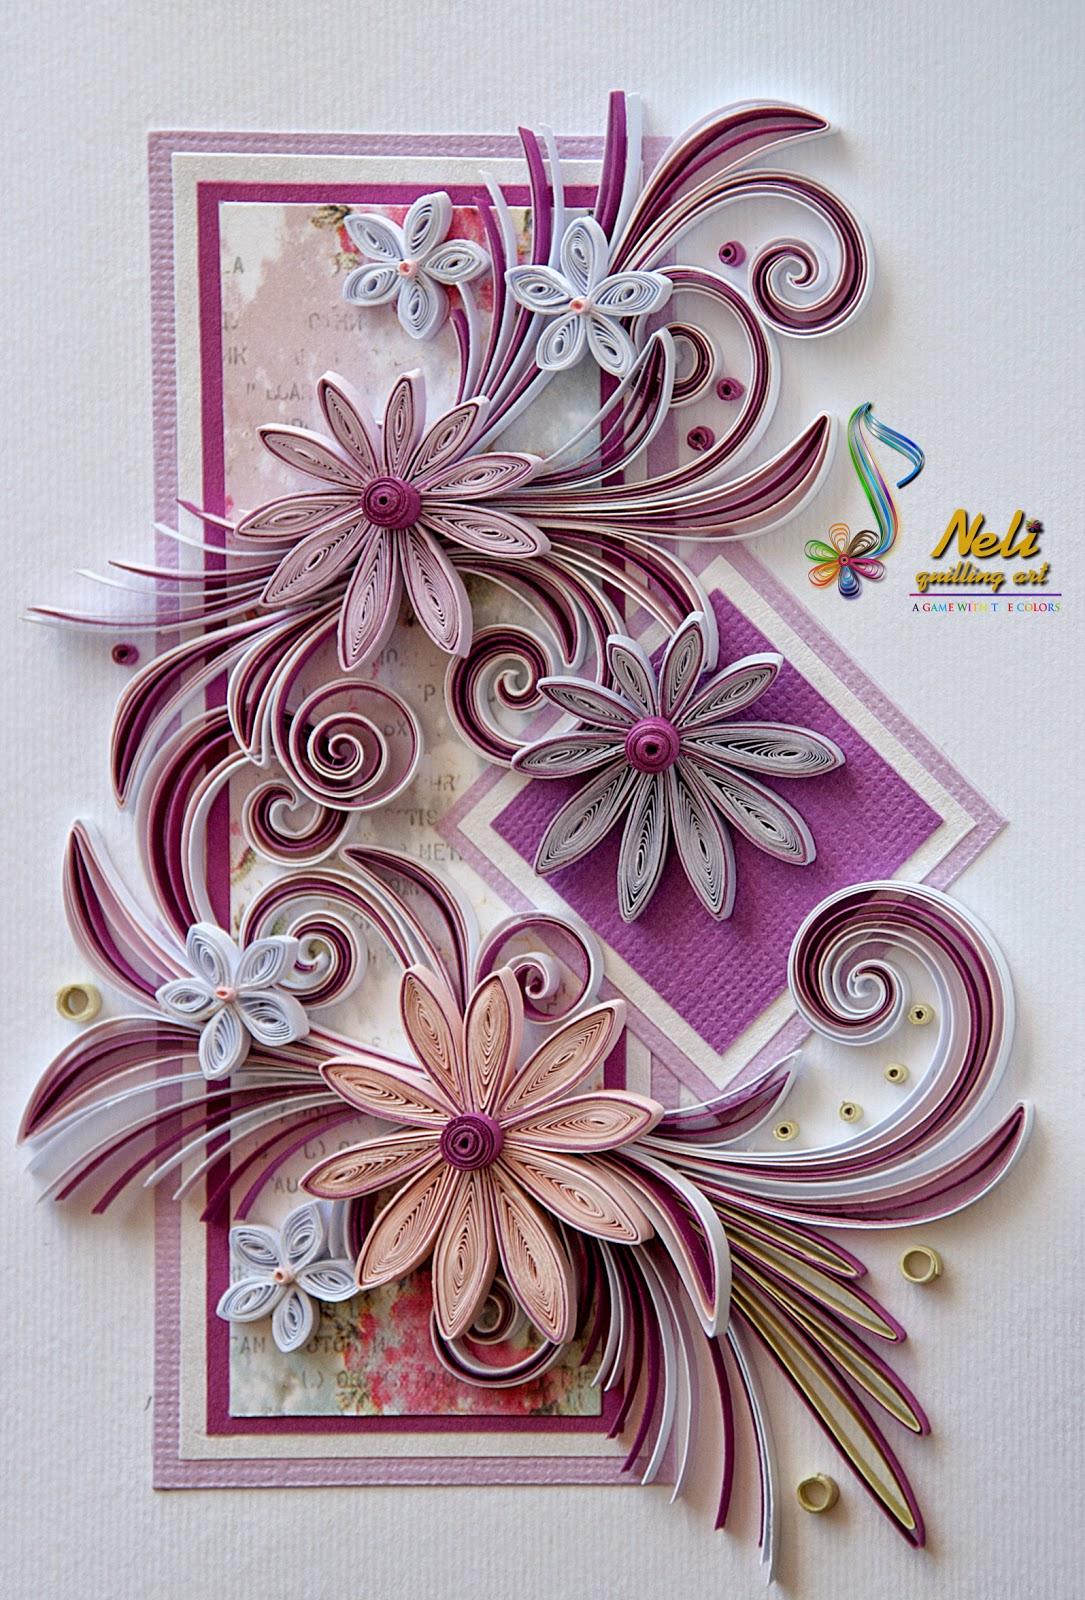 Neli Quilling Art Quilling Cards